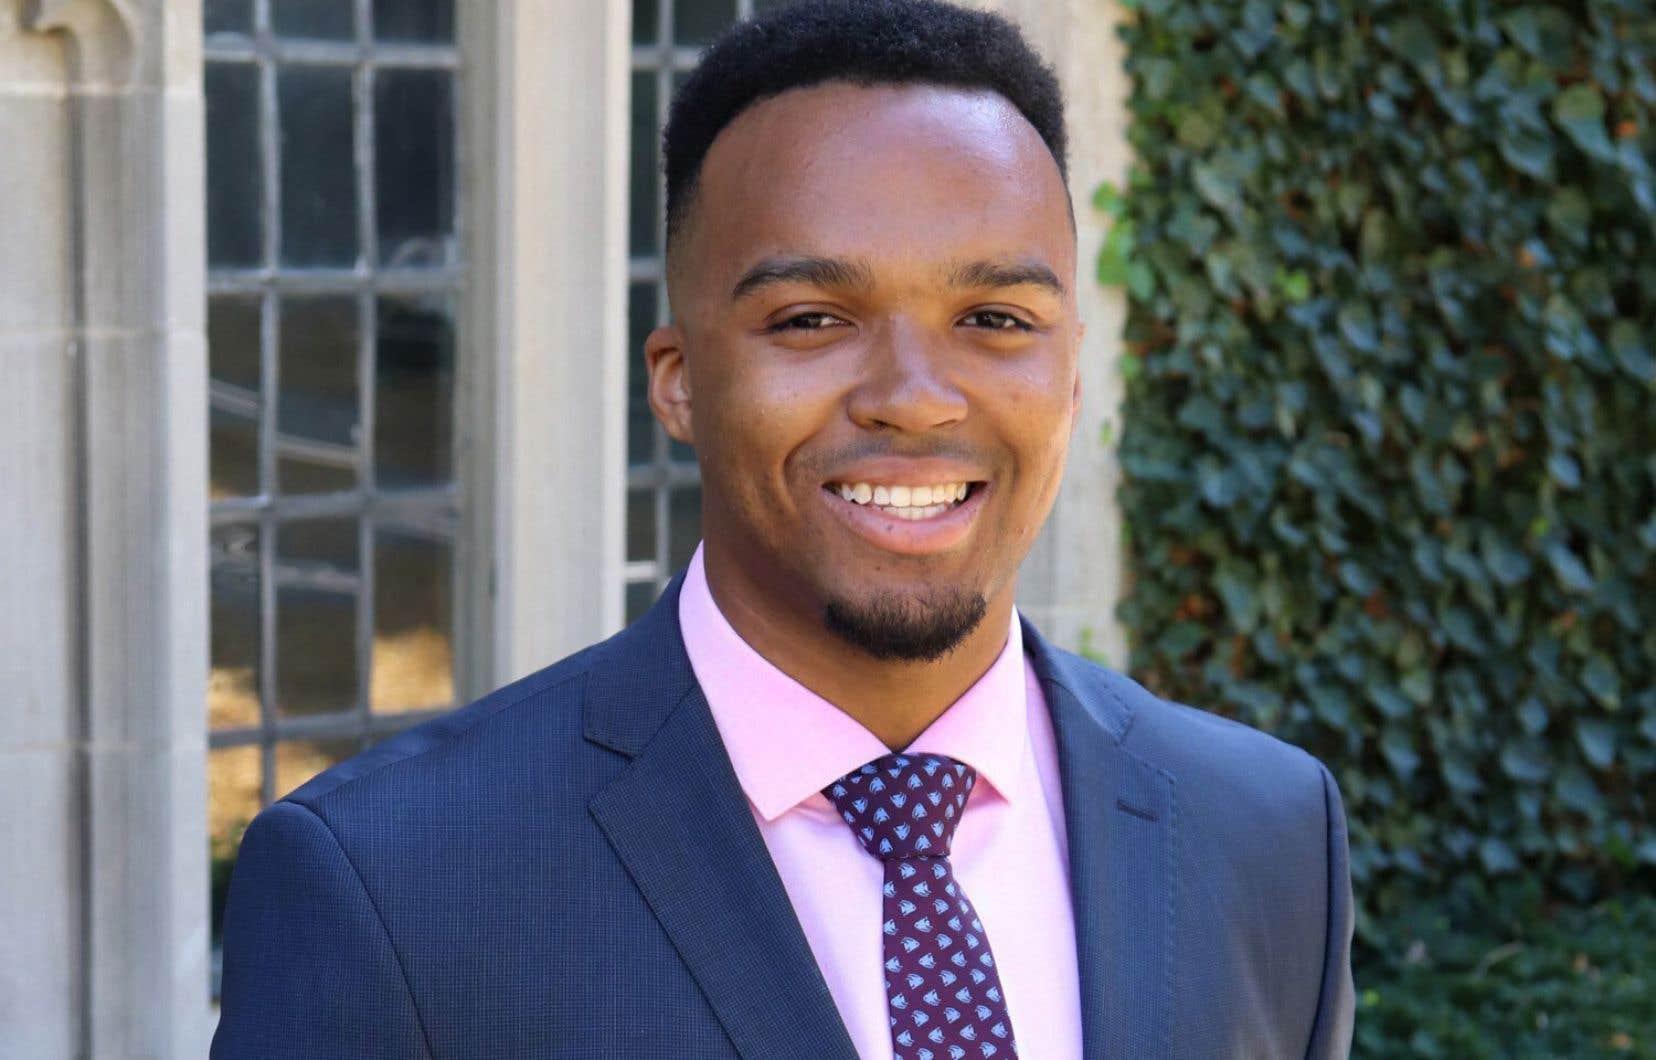 Nicholas Johnson est le premier étudiant noir de l'Université Princeton, souvent blâmée pour son passé raciste, à obtenir le titre de major de sa promotion.